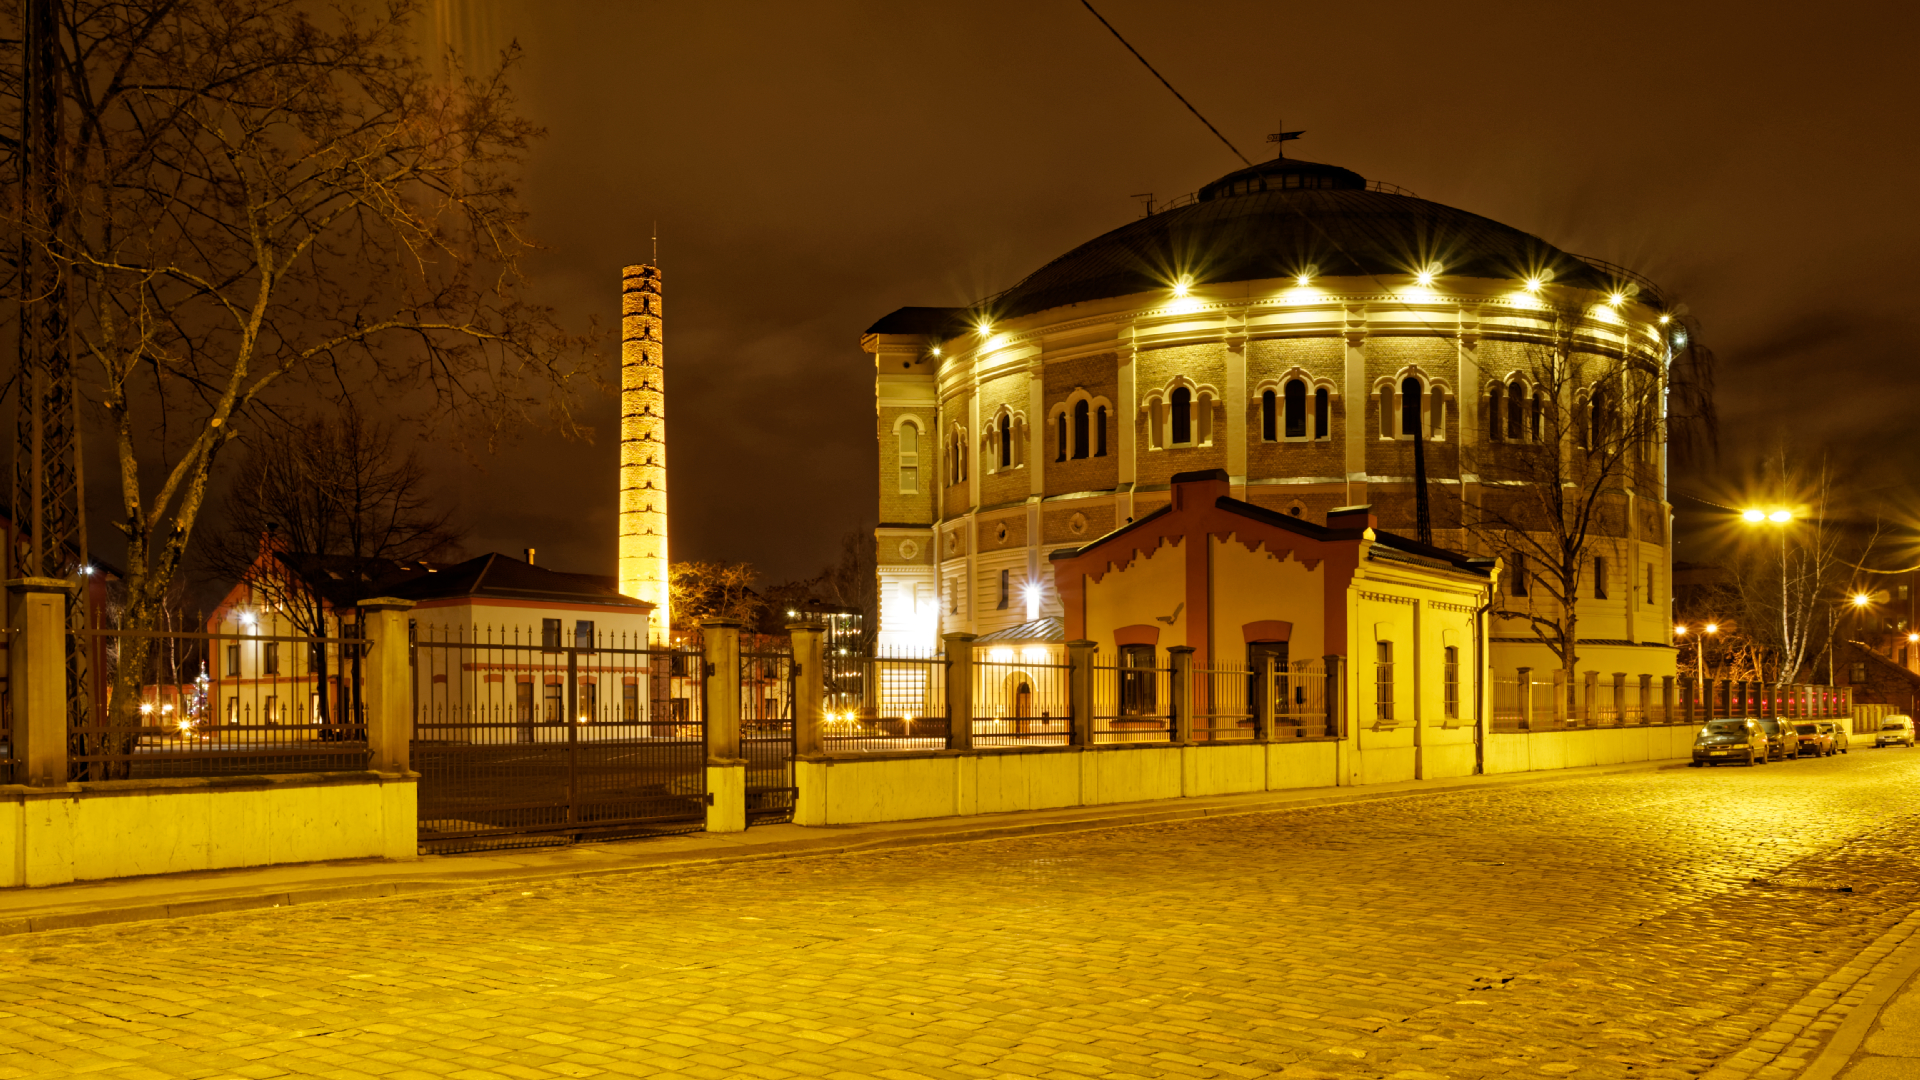 Bild: Das Gasometer in der Matīsa iela in Rīga wurde vom Architekten Karl Johann Felsko entworfen. OLYMPUS OM-D E-M1 mitLEICA H-X015E-K DG SUMMILUX 1.7 / 15mm. ISO 200 ¦ f/7,1 ¦ 15 mm ¦ 5 s ¦ kein Blitz Klicken Sie auf das Bild um es zu vergrößern.